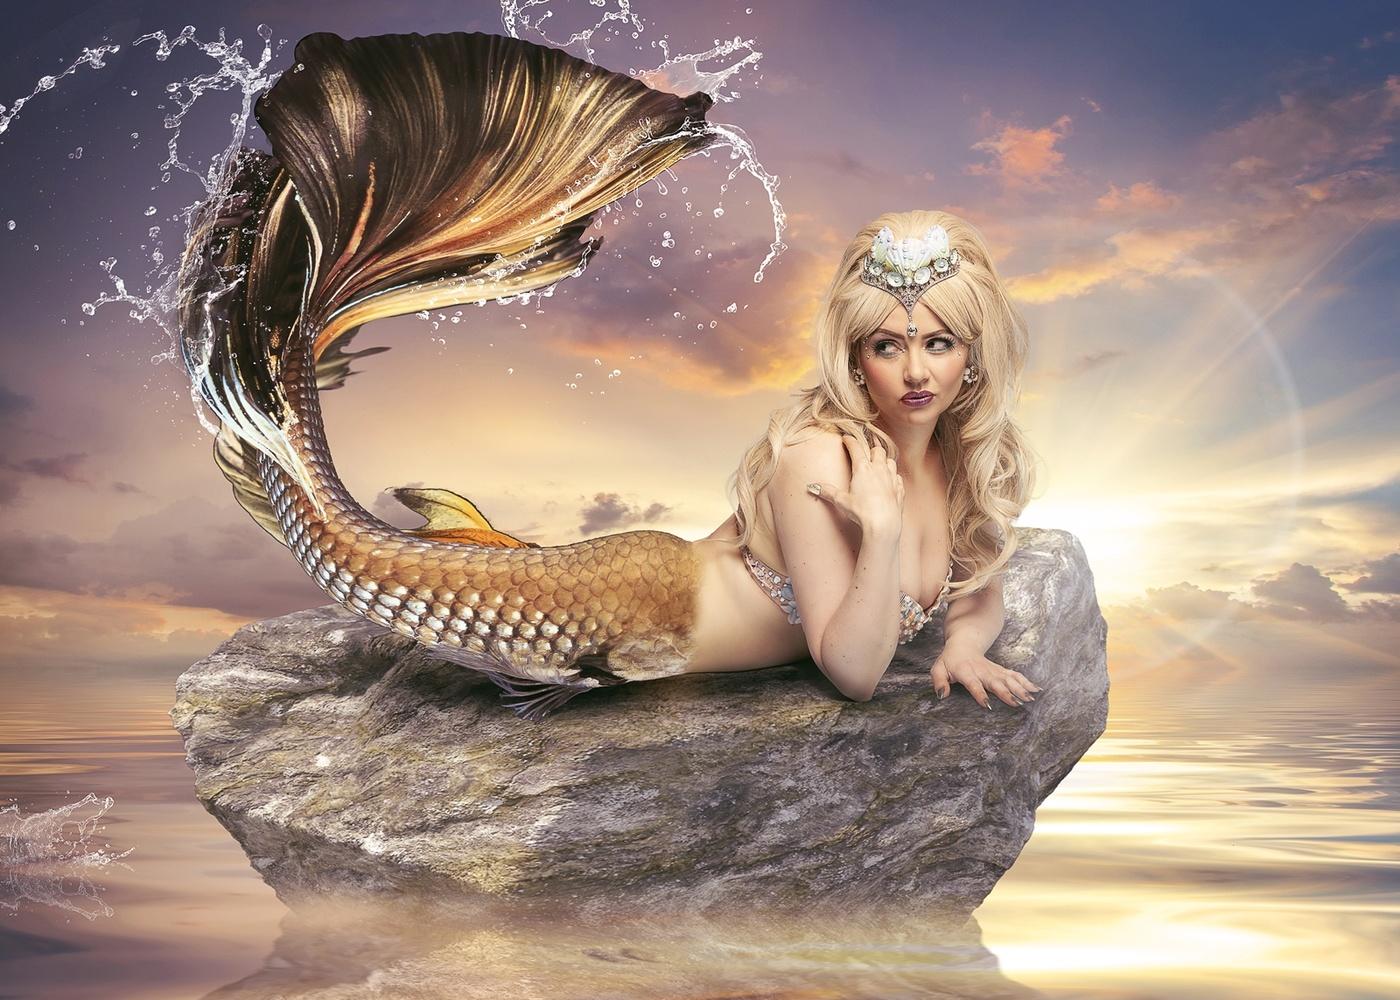 Mermaid on a rock by Dominic Deacon